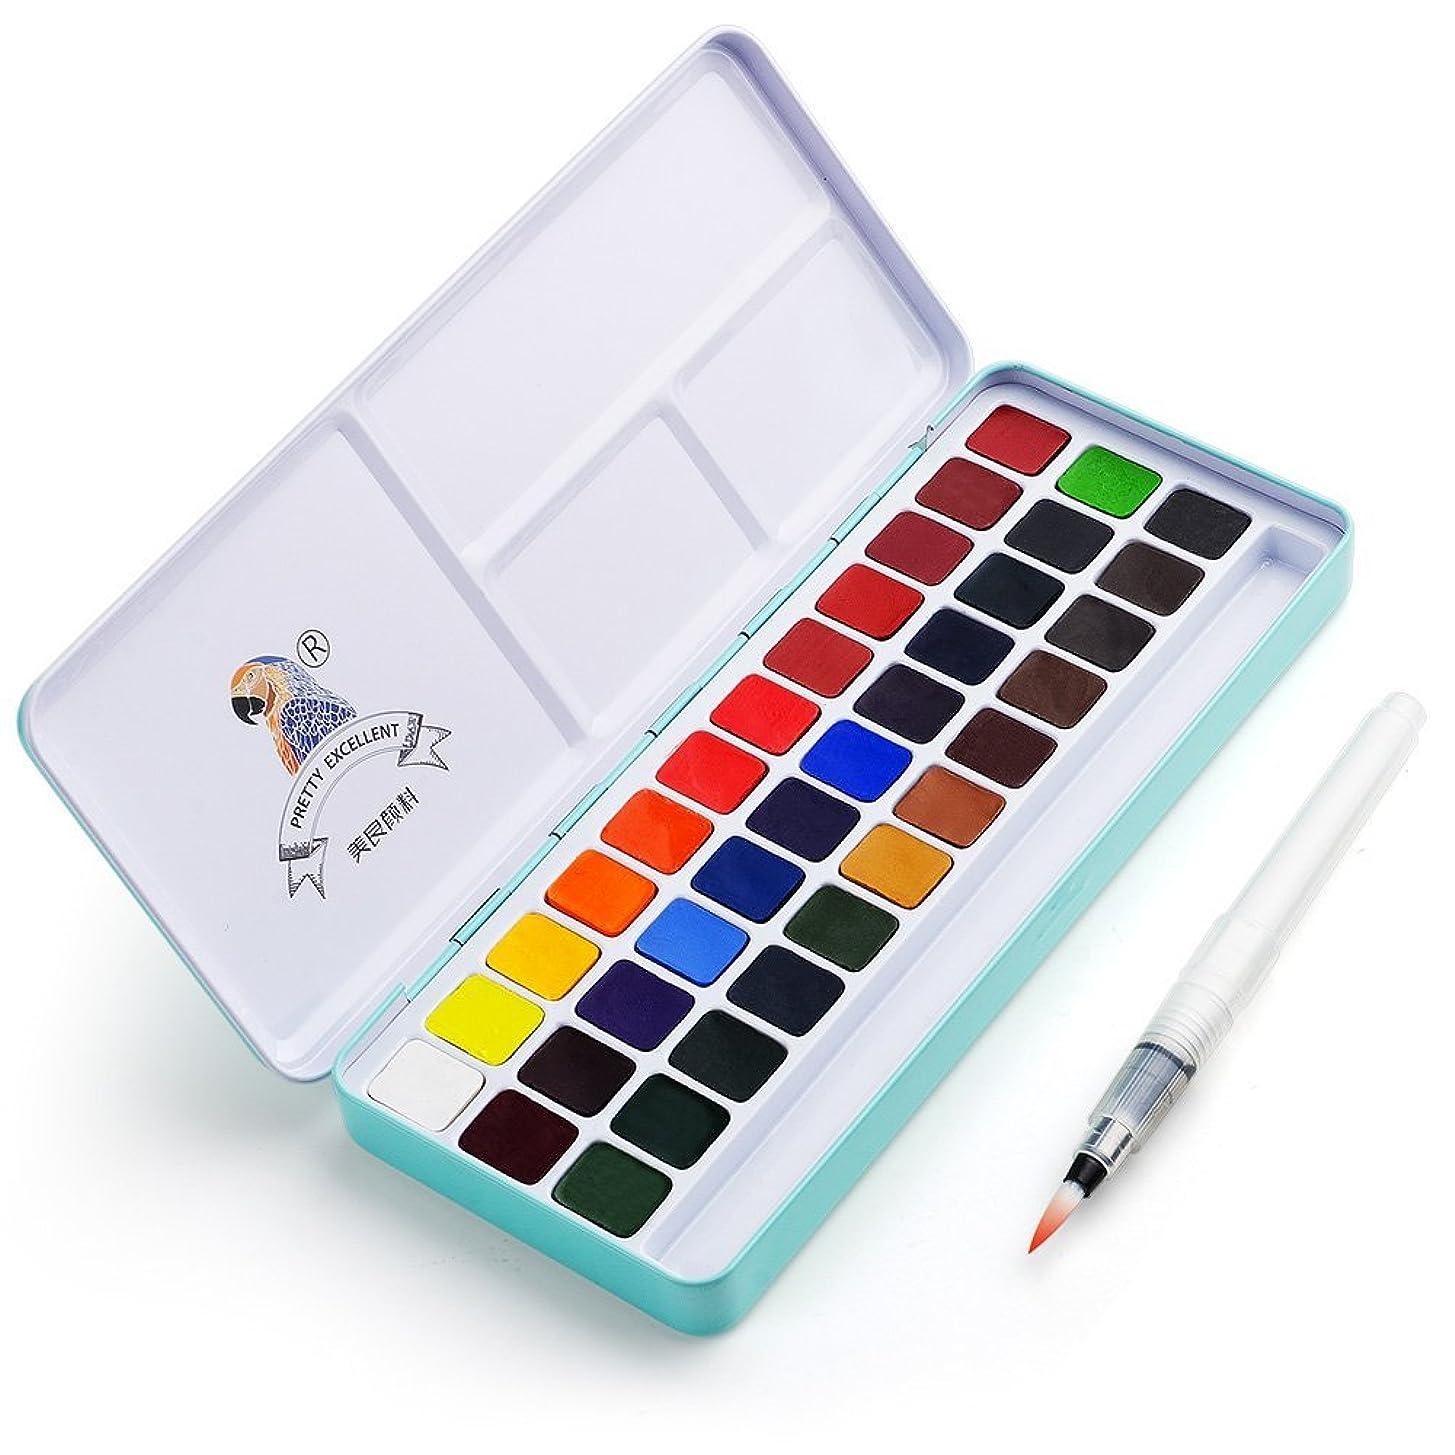 幸運なことにつかいます慣らすMeiLiang 固体水彩絵具 セット ブラシ付属 (36色) パレット アラビアガム